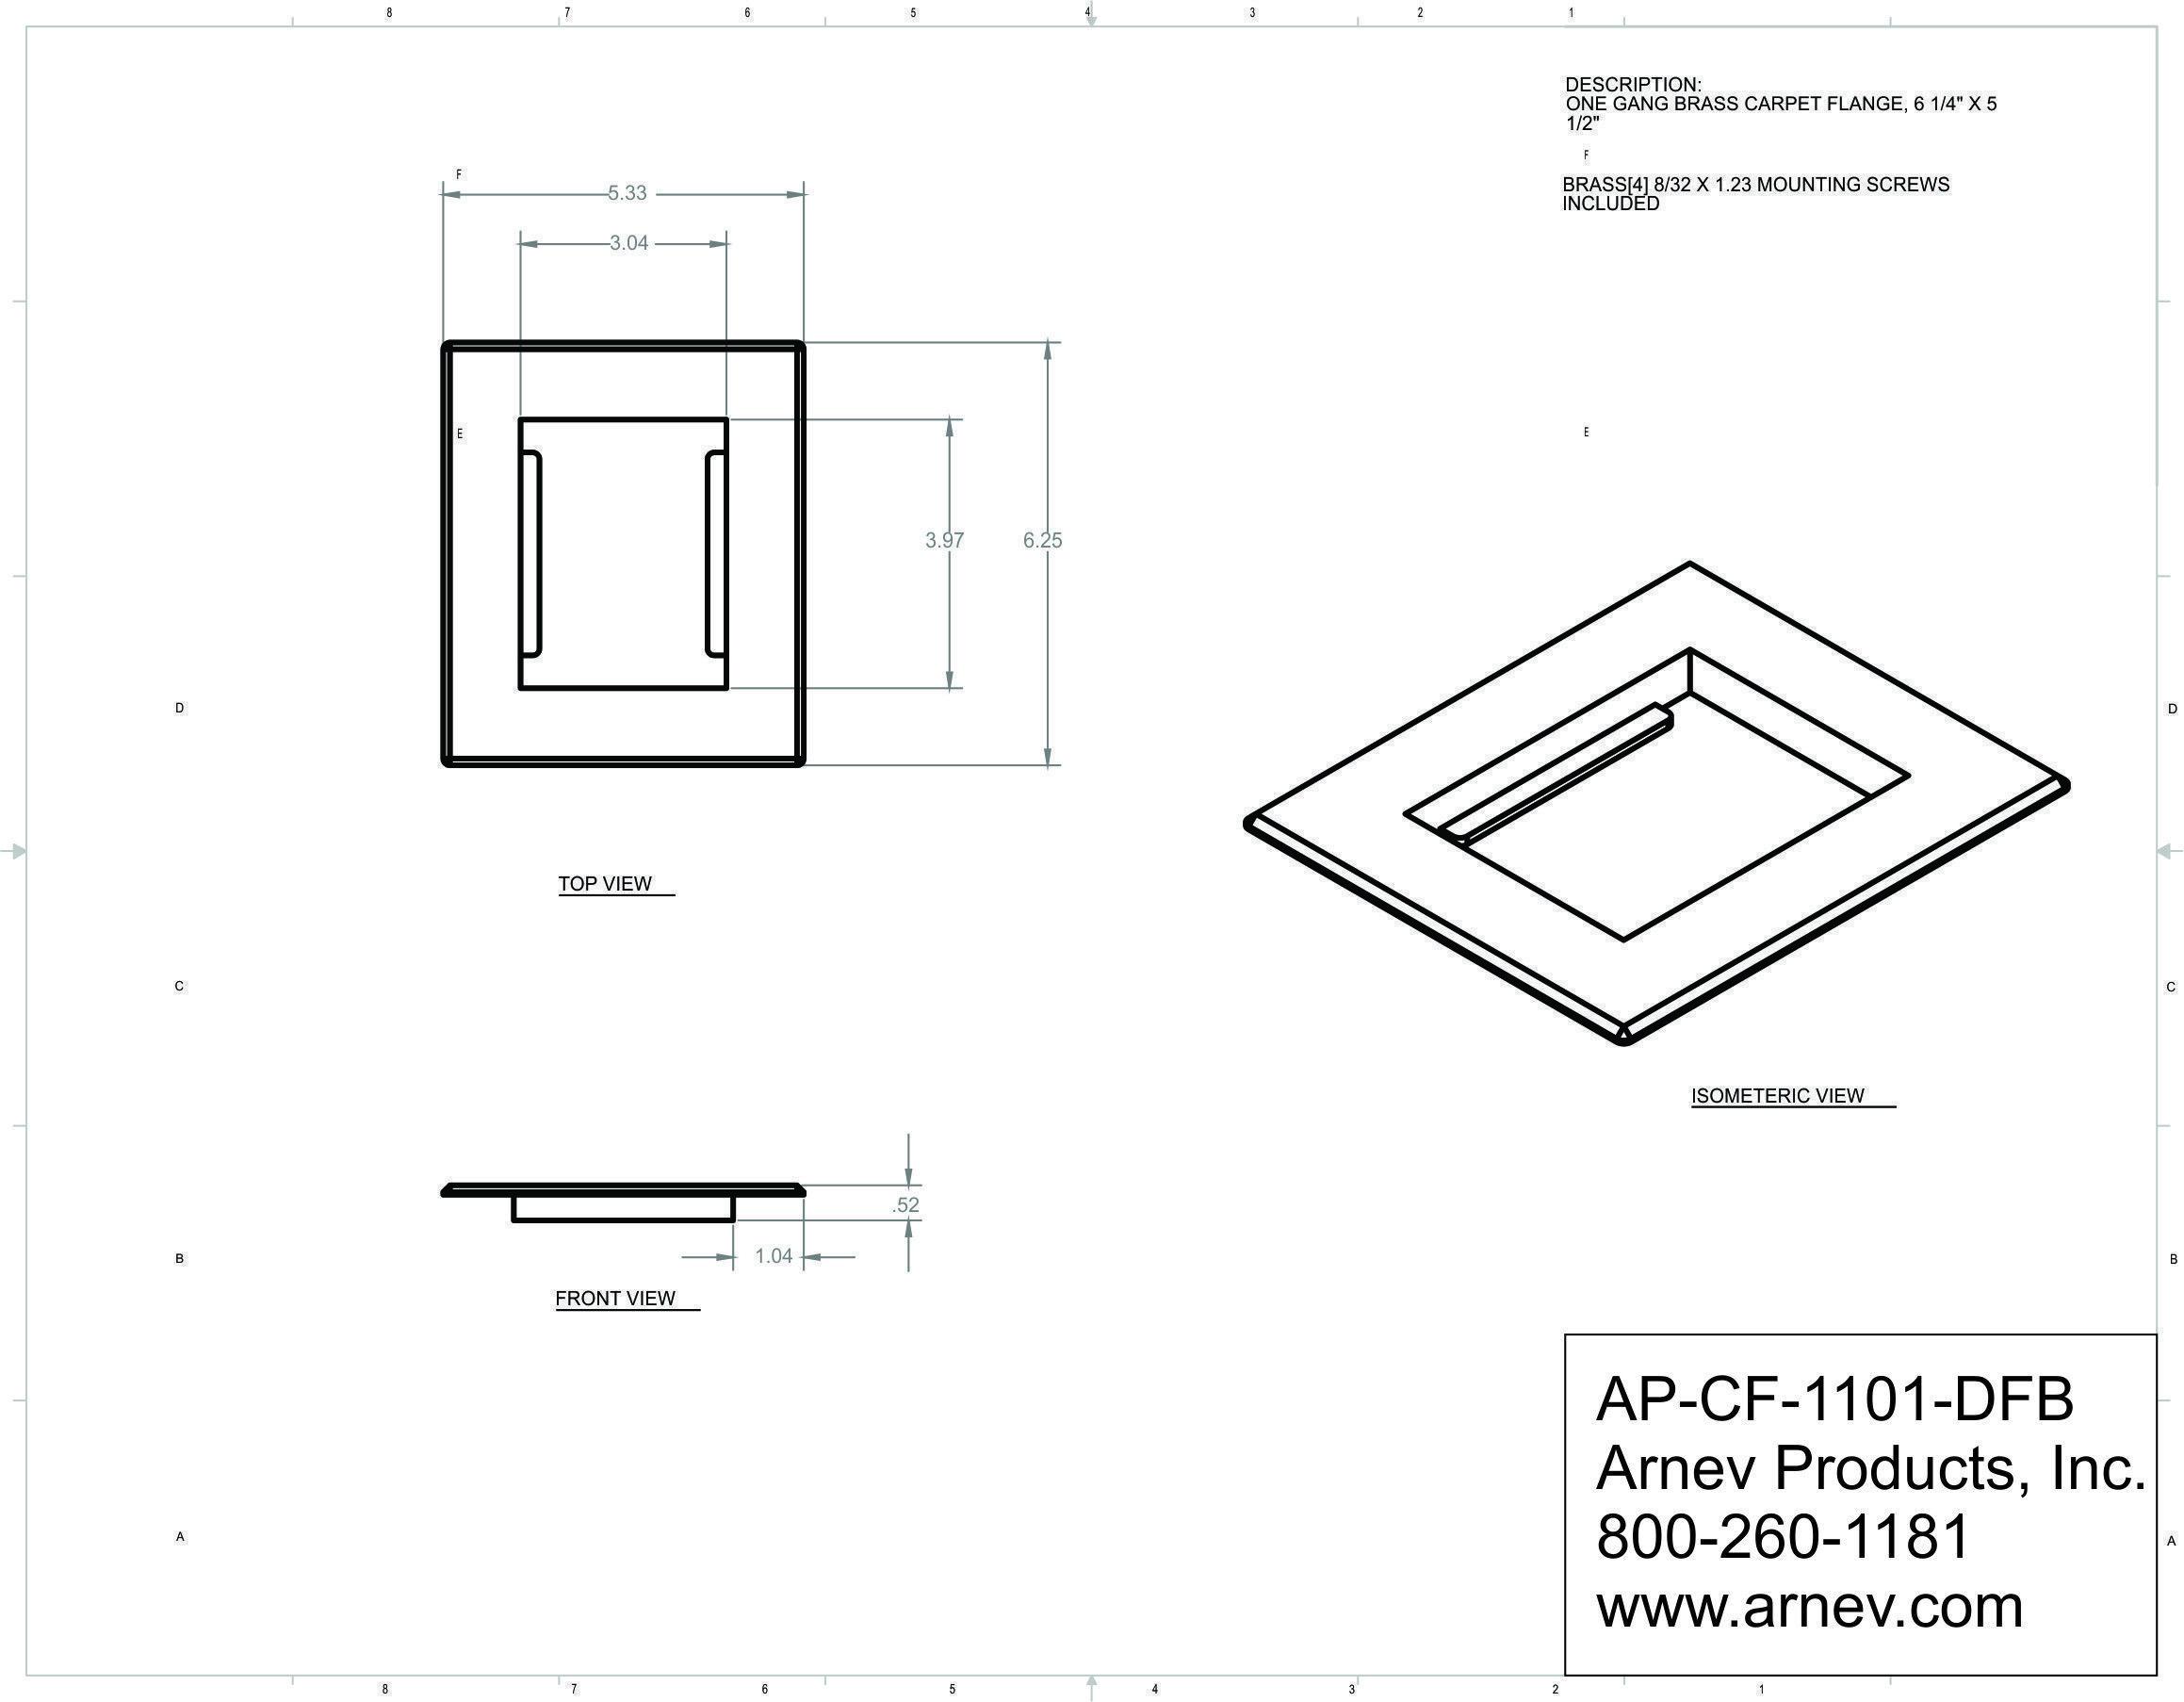 Ap Cf Dfb Carpet Flange Concrete Floor Electrical